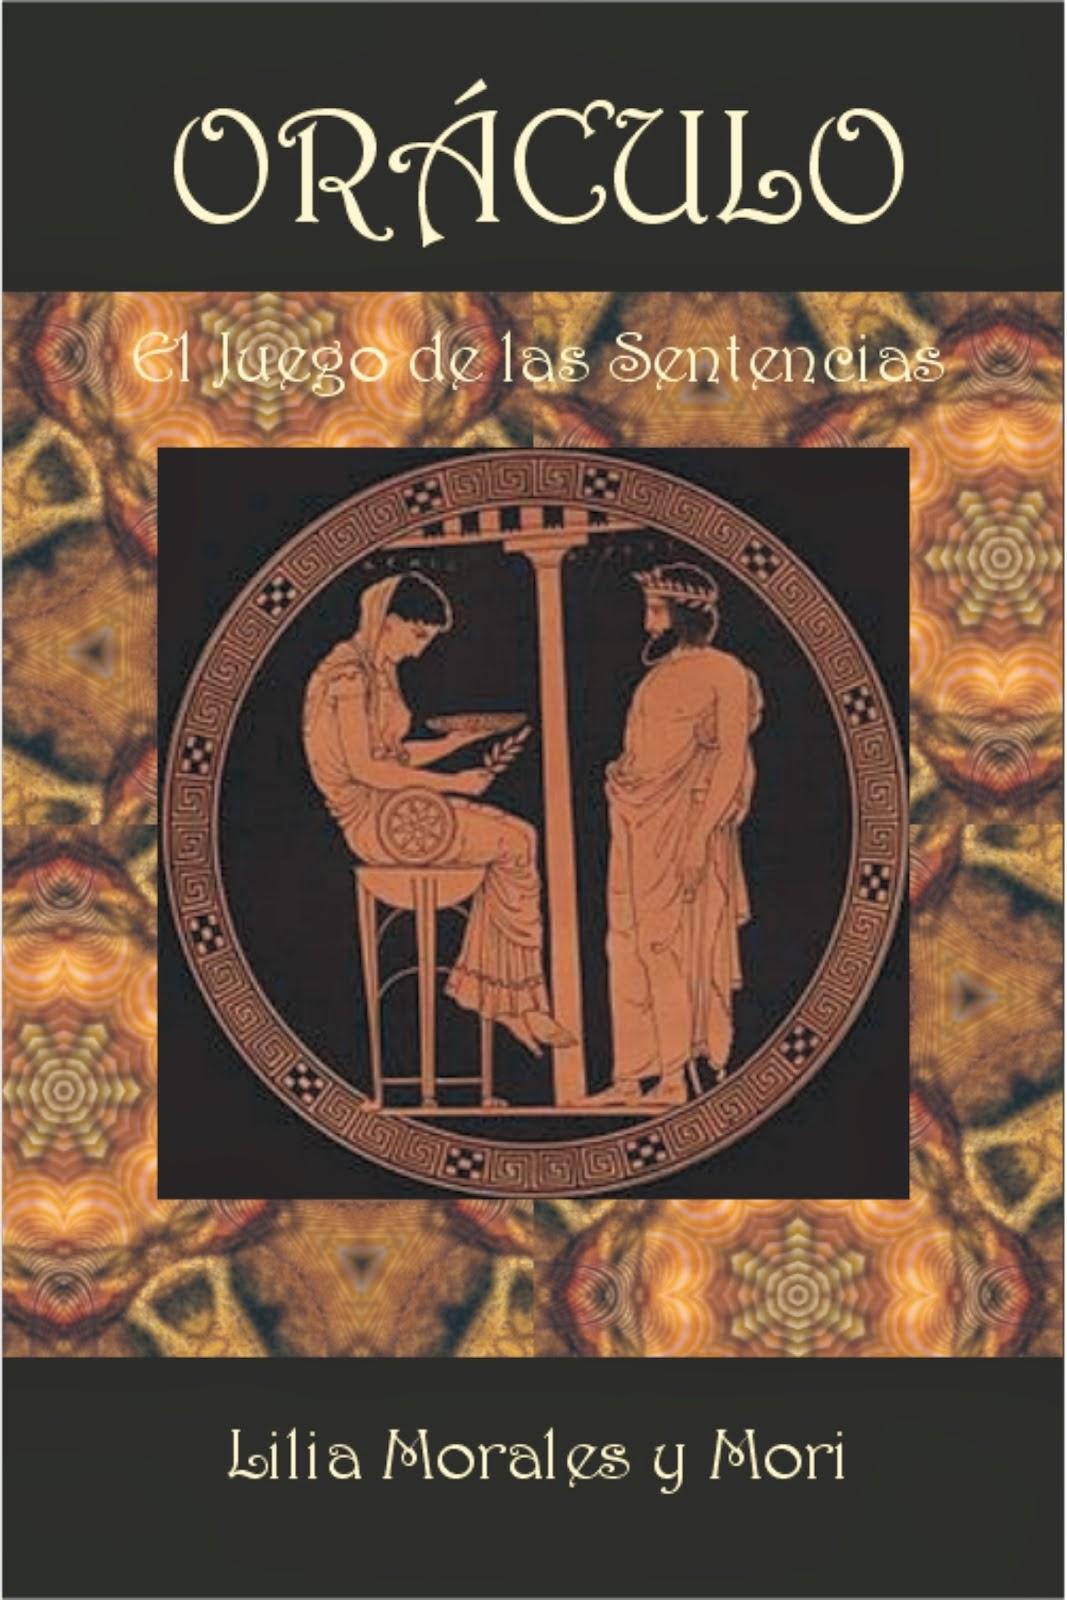 Oráculo: El Juego de las Sentencias